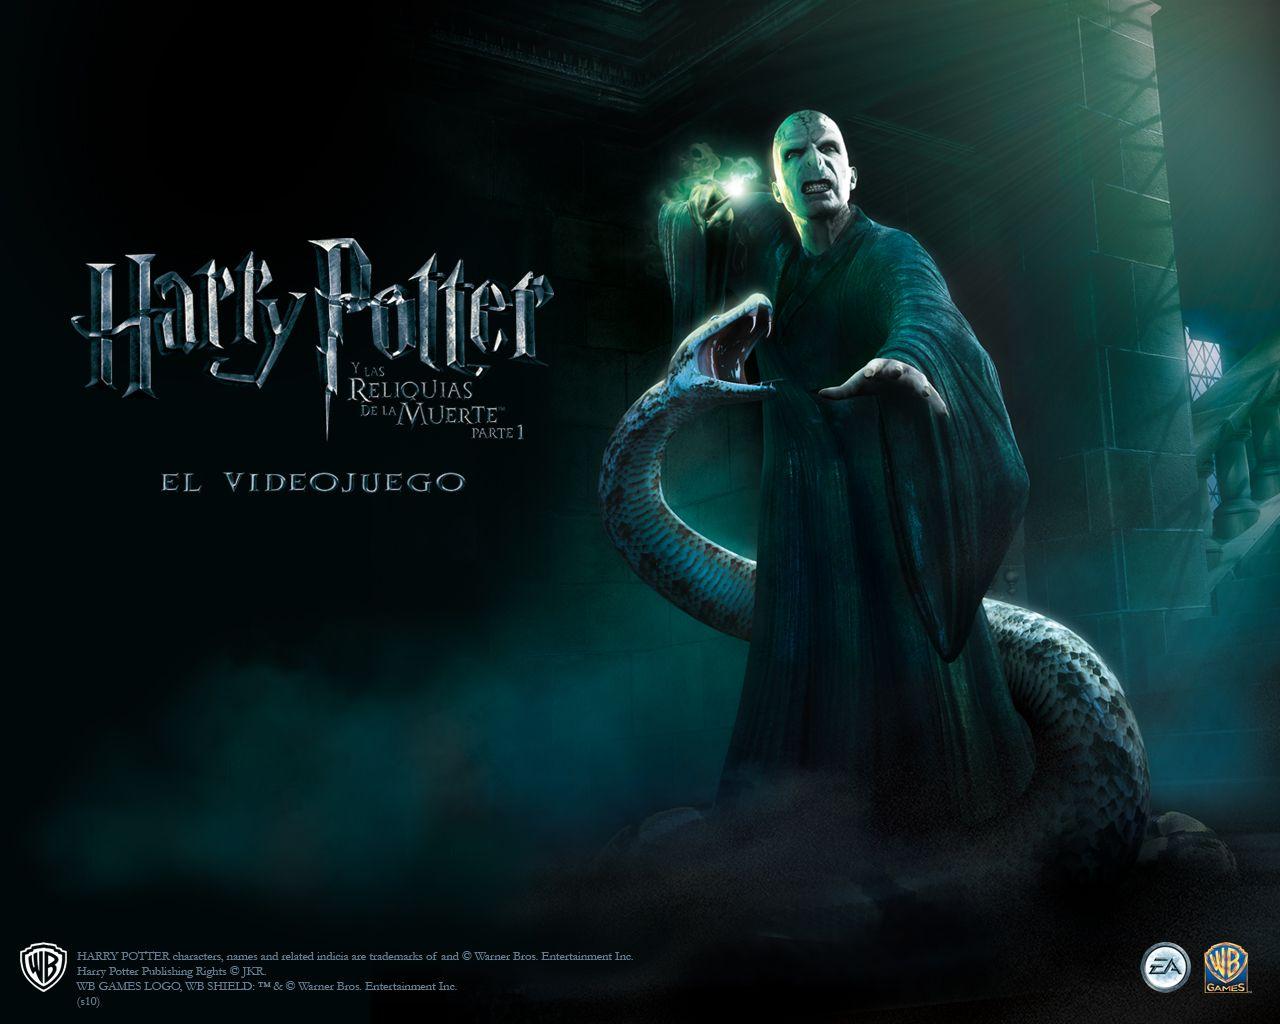 Renter S Wallpaper Fondos De Pantalla Harry Potter Y Las Reliquias De La